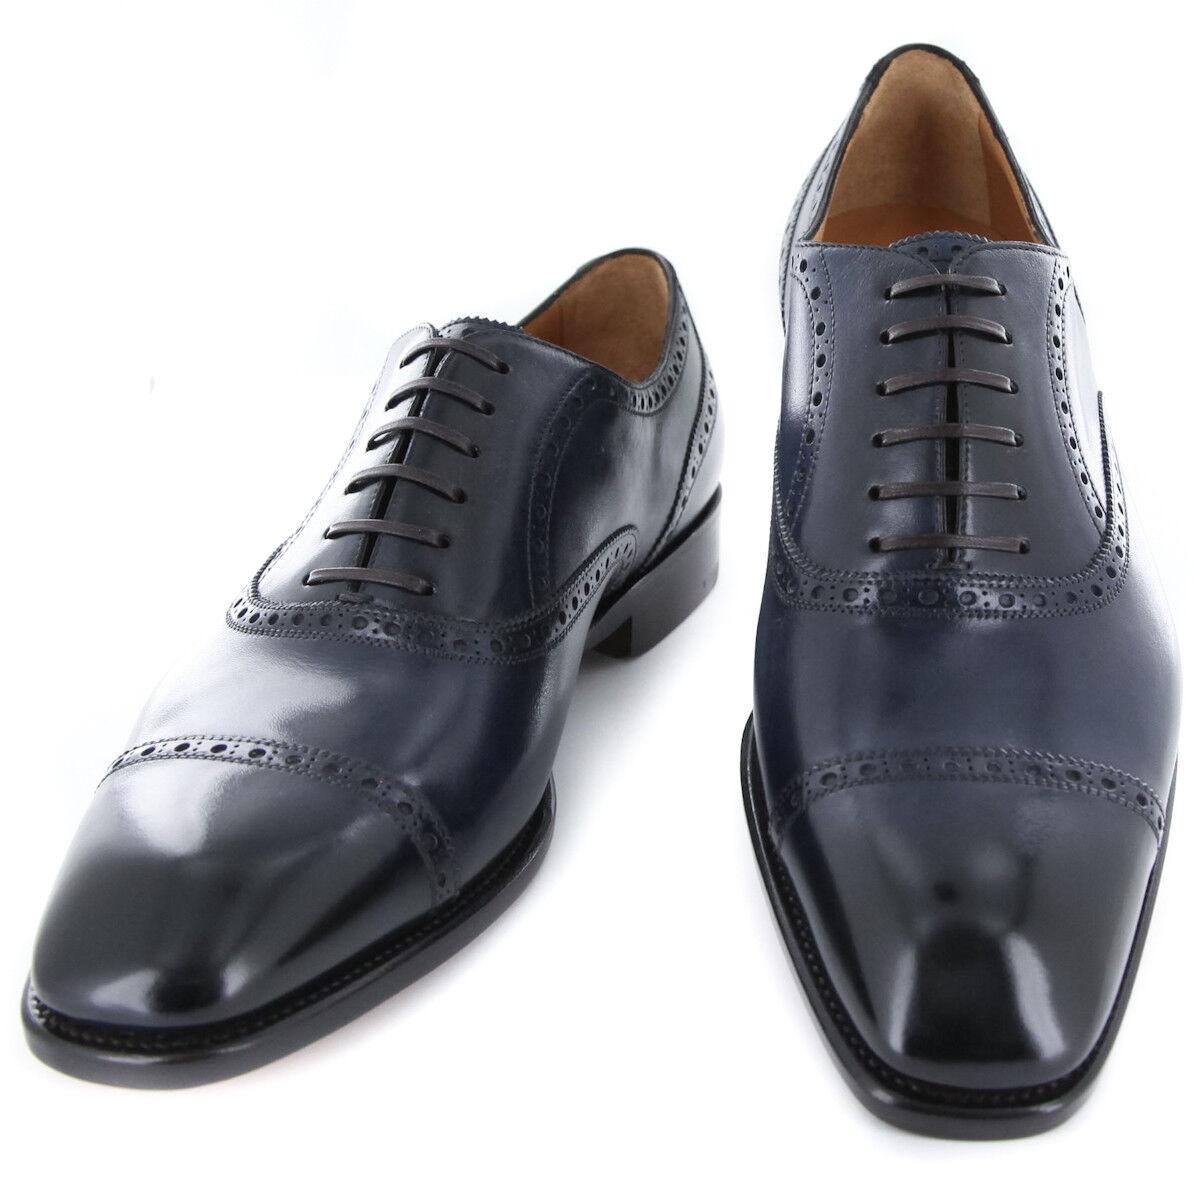 New  1250 Fiori Di Lusso blu scarpe - Wingtip Lace Ups - (BSNBLU)